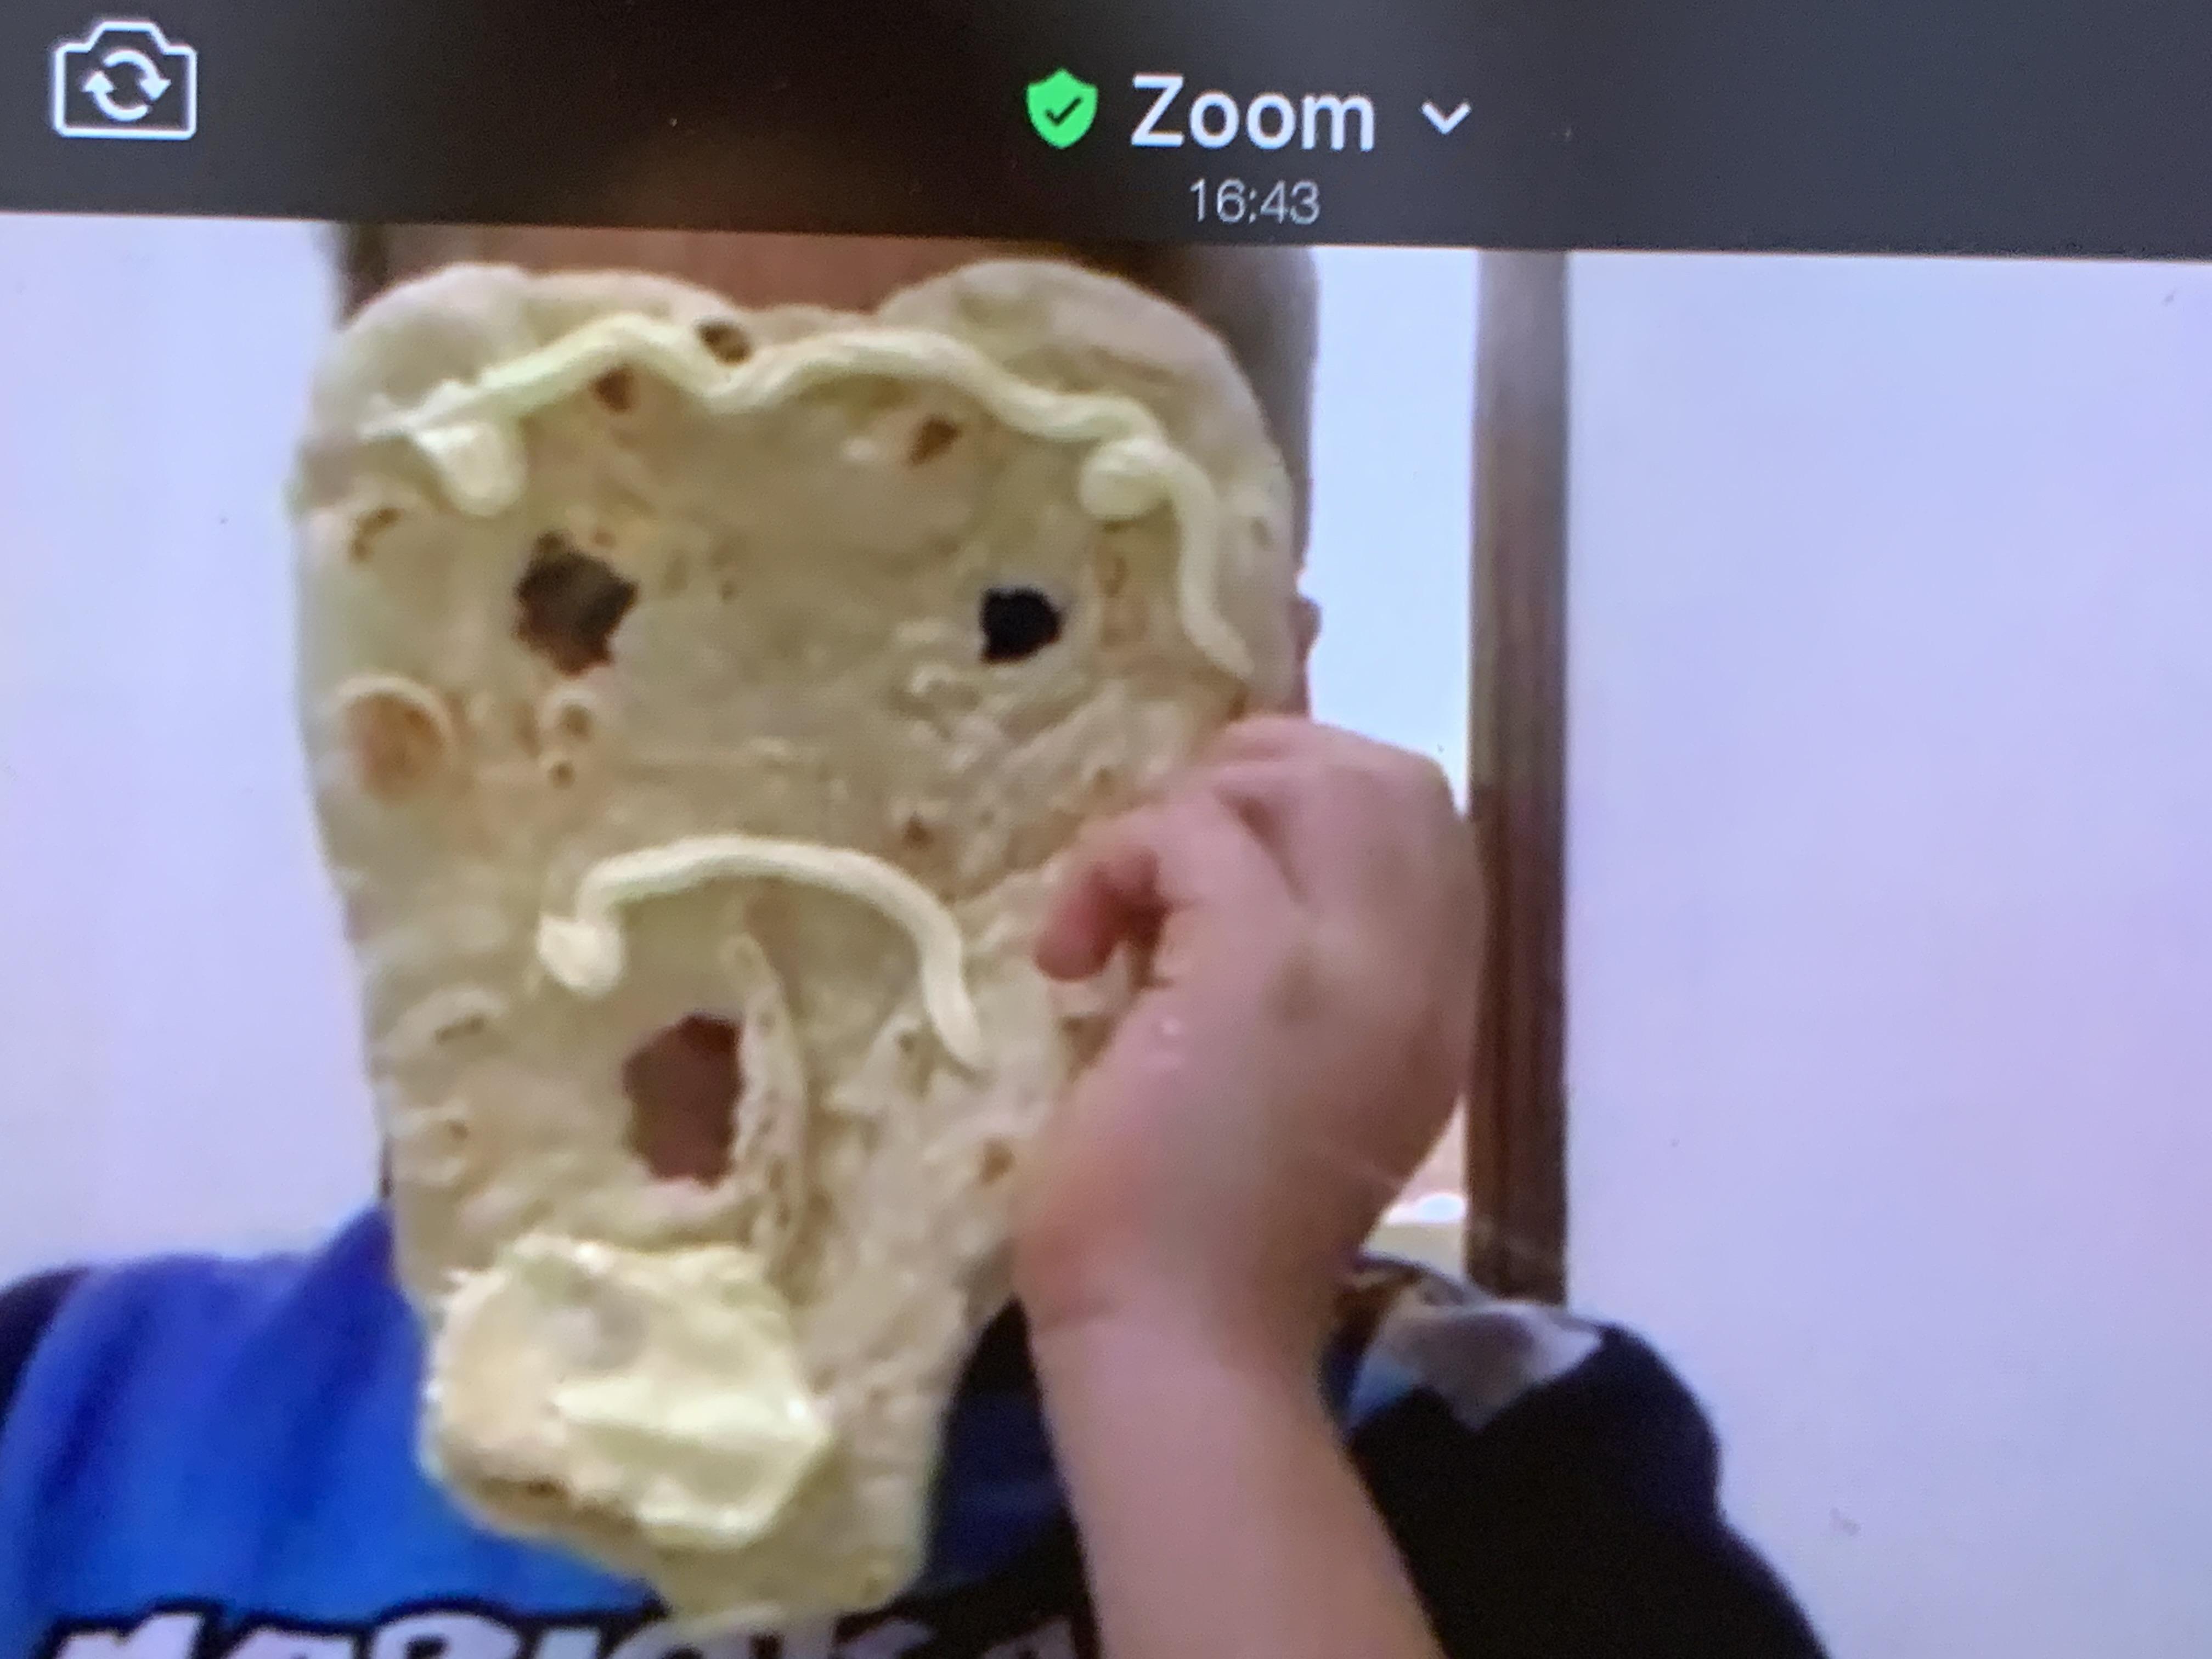 un bimbo che partecipa si fa una maschera con la piadina che ha appena cucinato